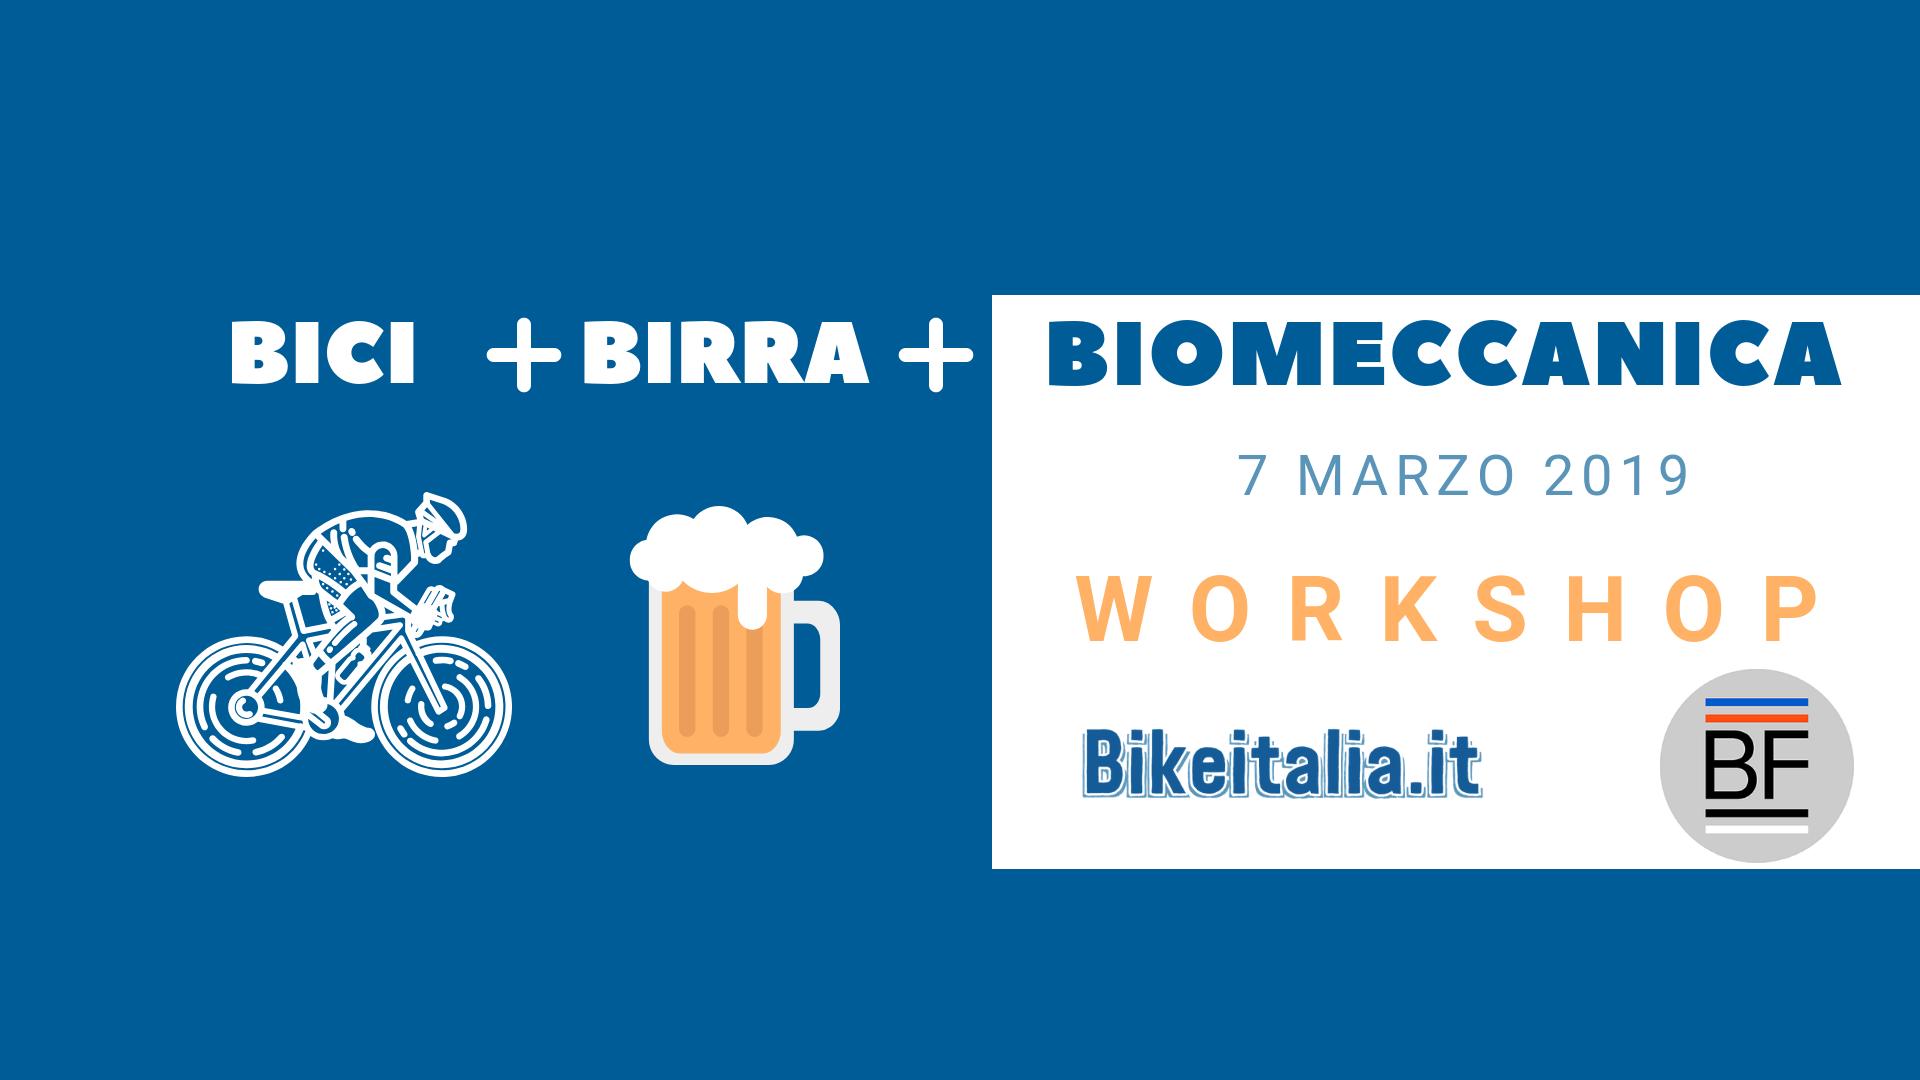 bici biomeccanica birra